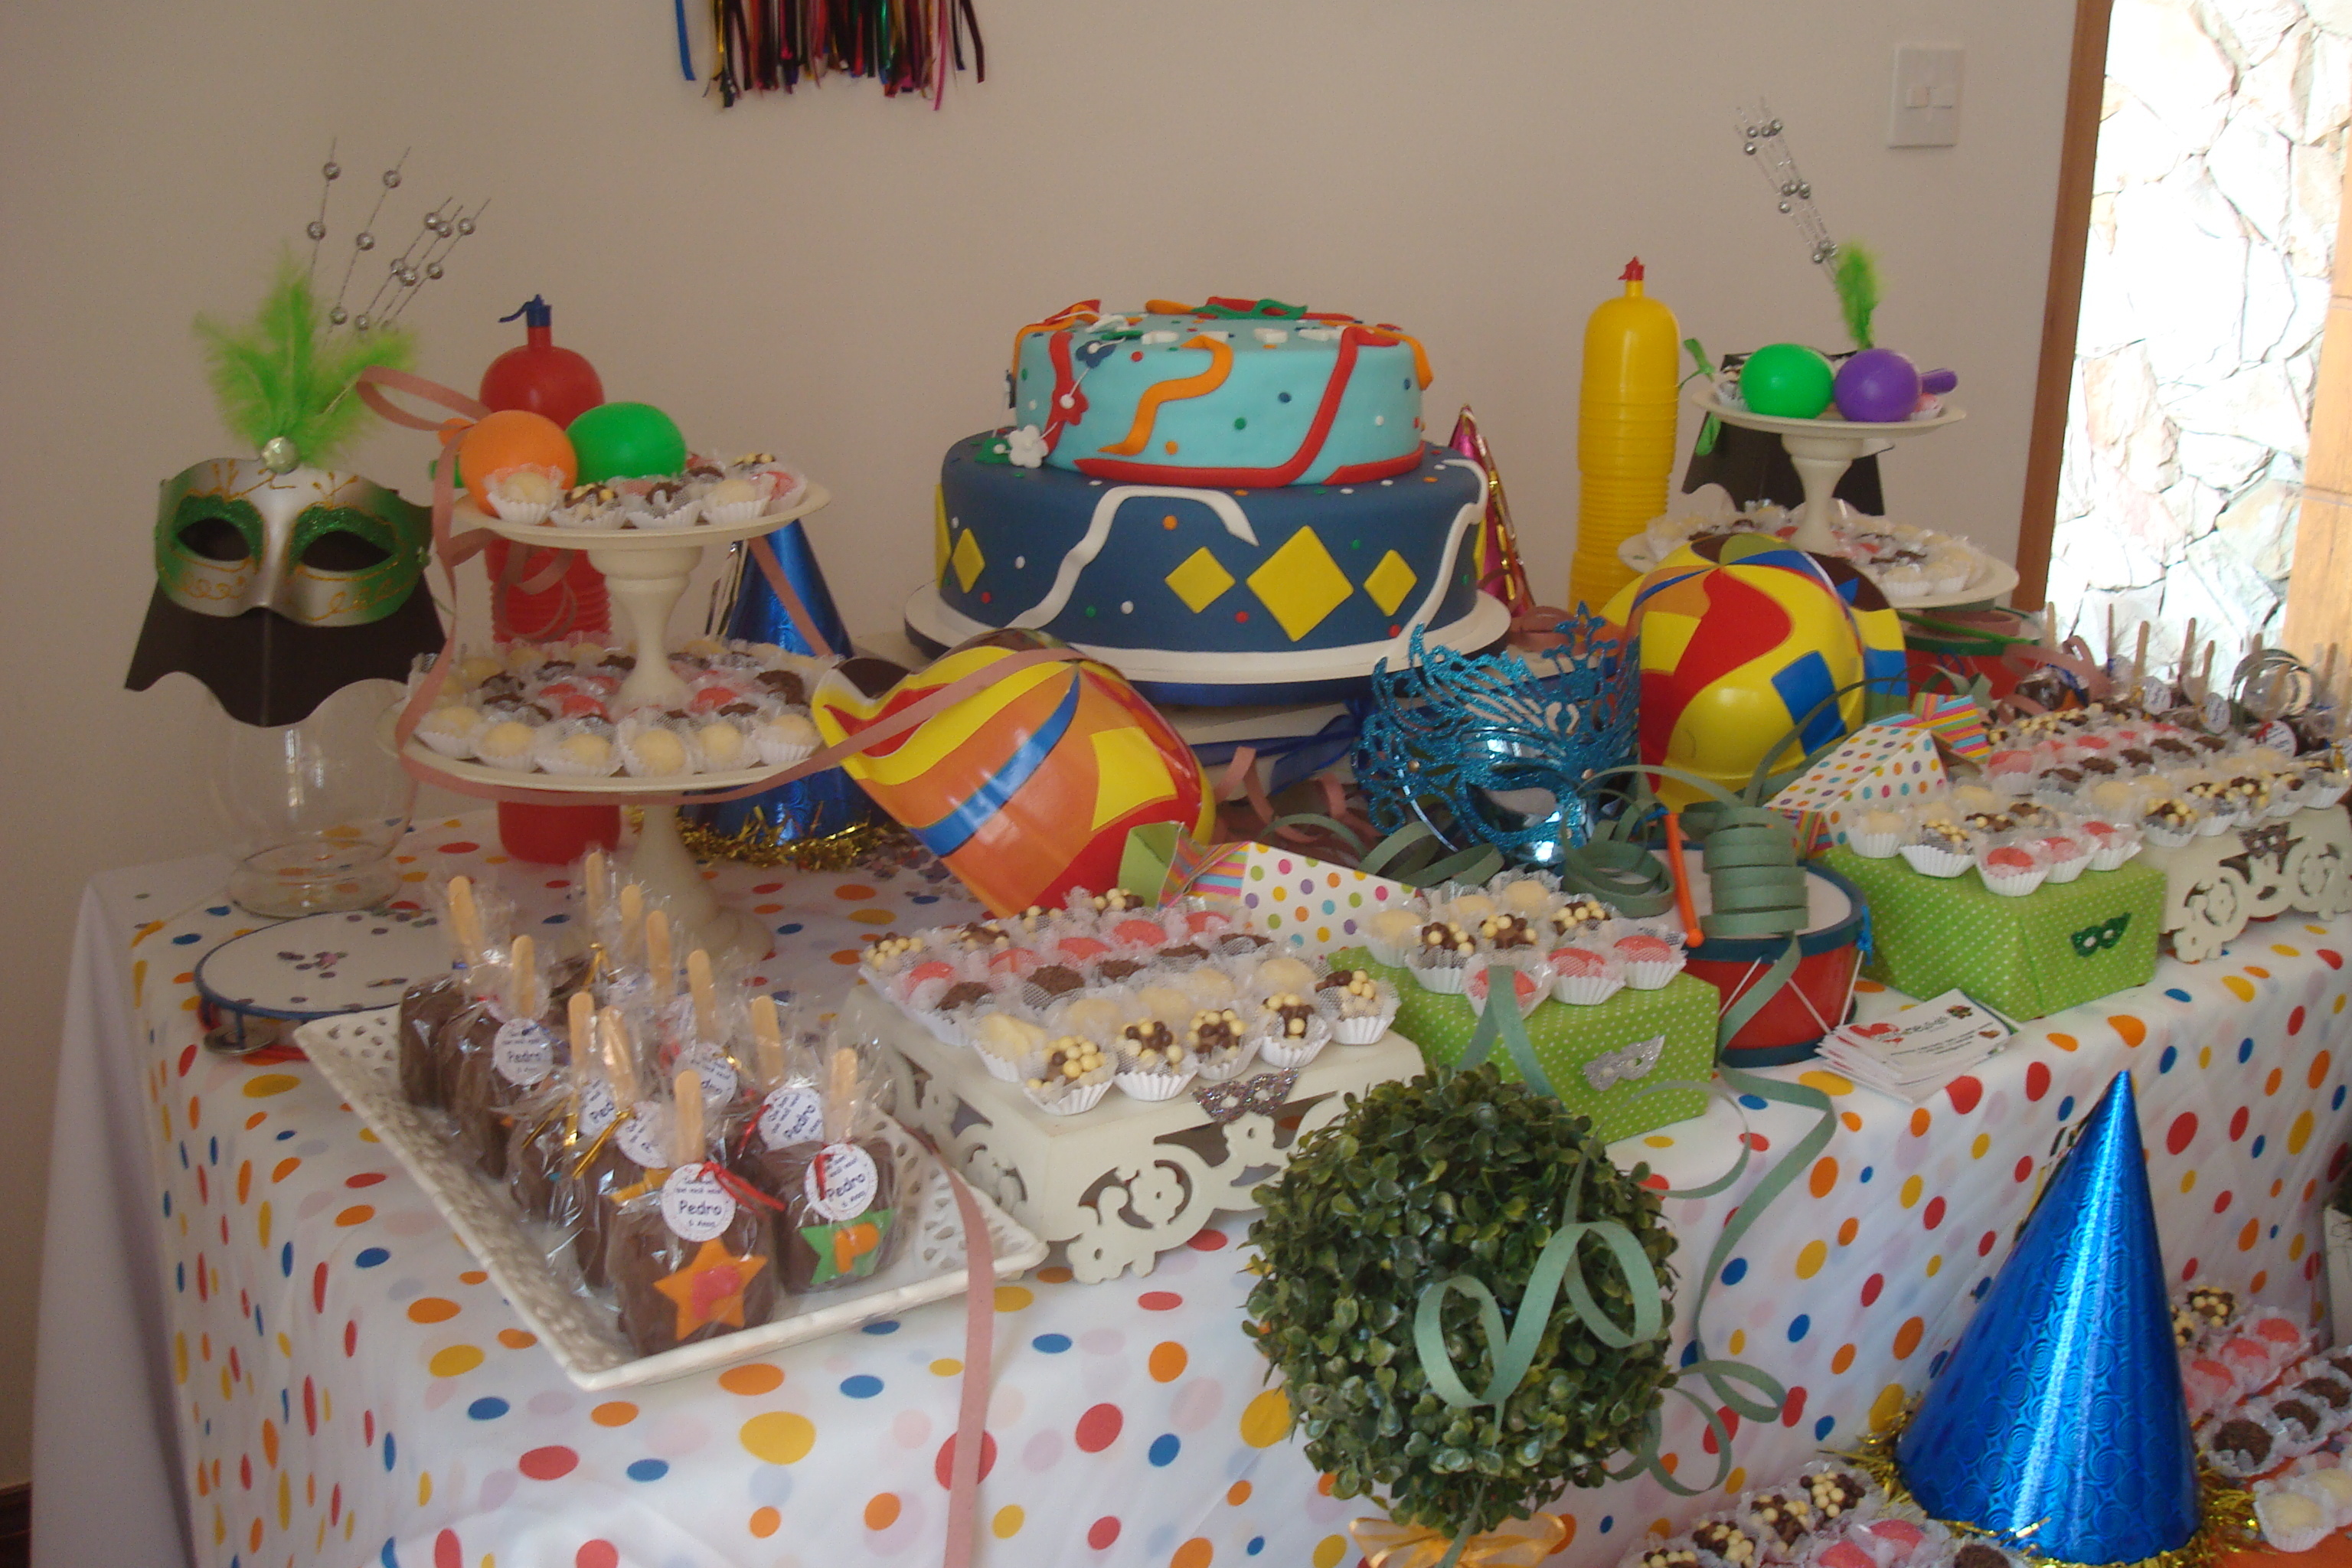 Locaç u00e3o de decoraç u00e3o de mesa Carnaval Caramelada Decorações Elo7 # Decoração De Loja Carnaval